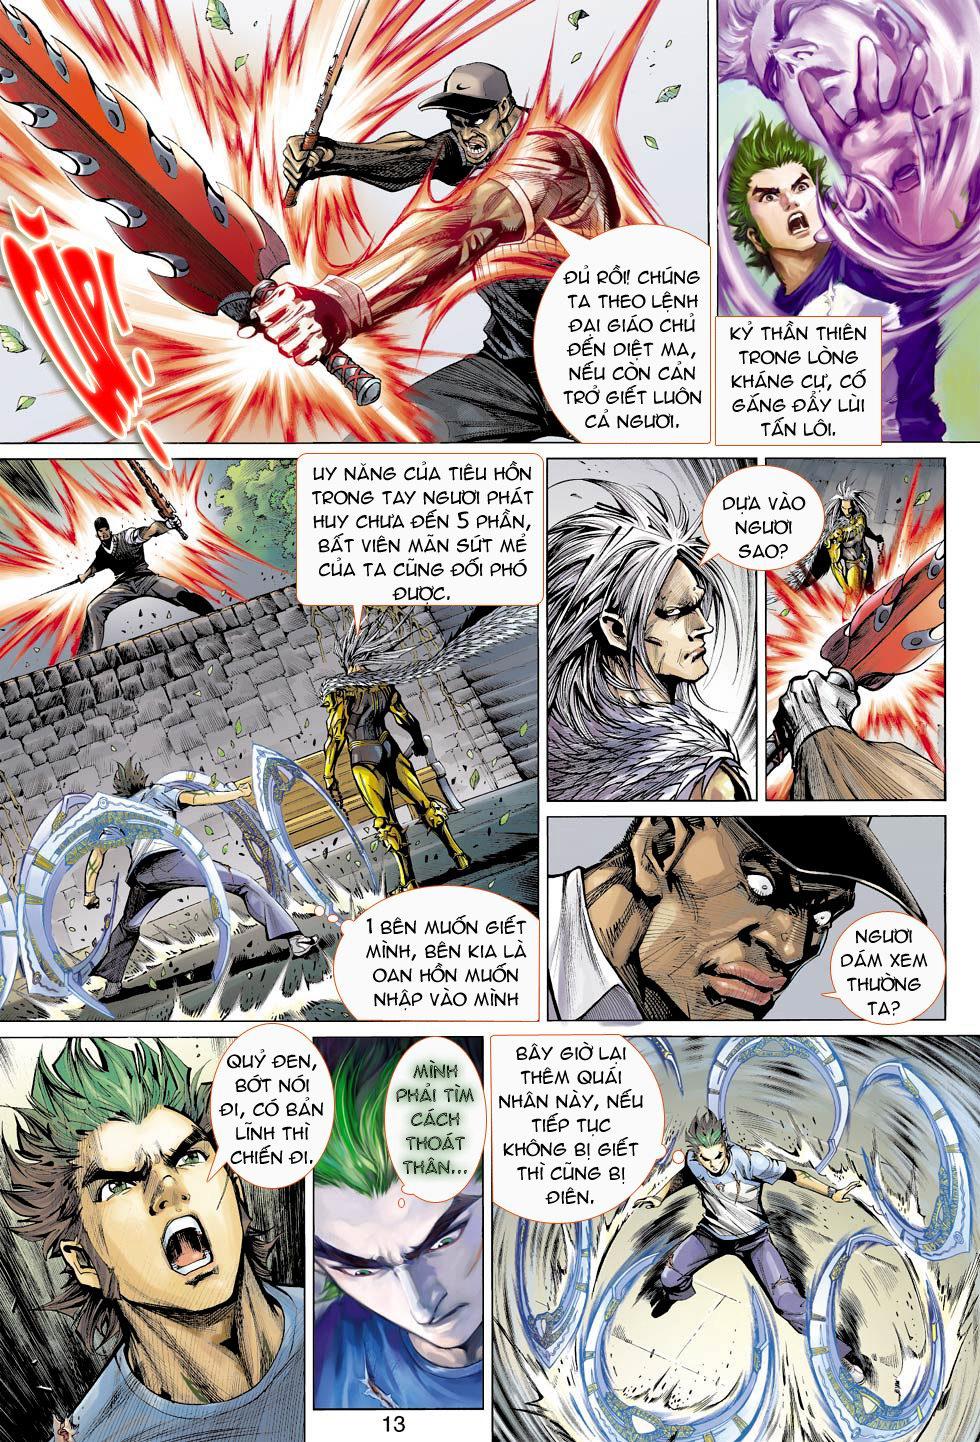 Thần Binh 4 chap 16 - Trang 13